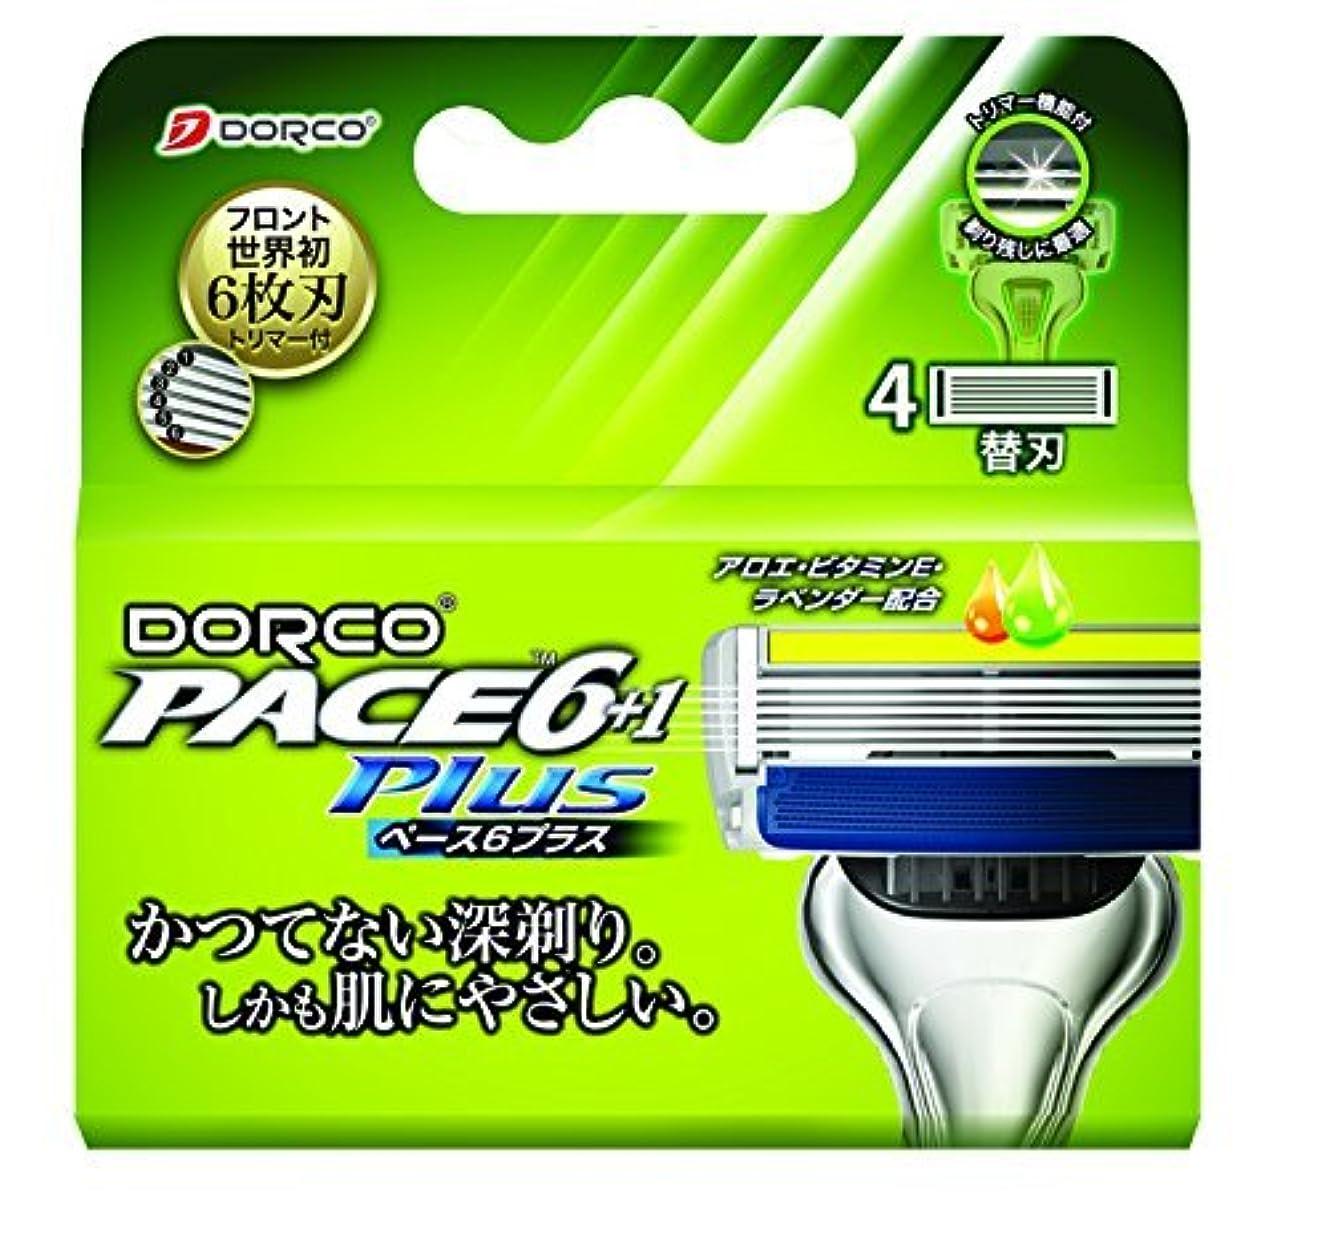 ご注意ペルソナ肥料DORCO ドルコ PACE6Plus 男性用替刃式 カミソリ6枚刃 替え刃